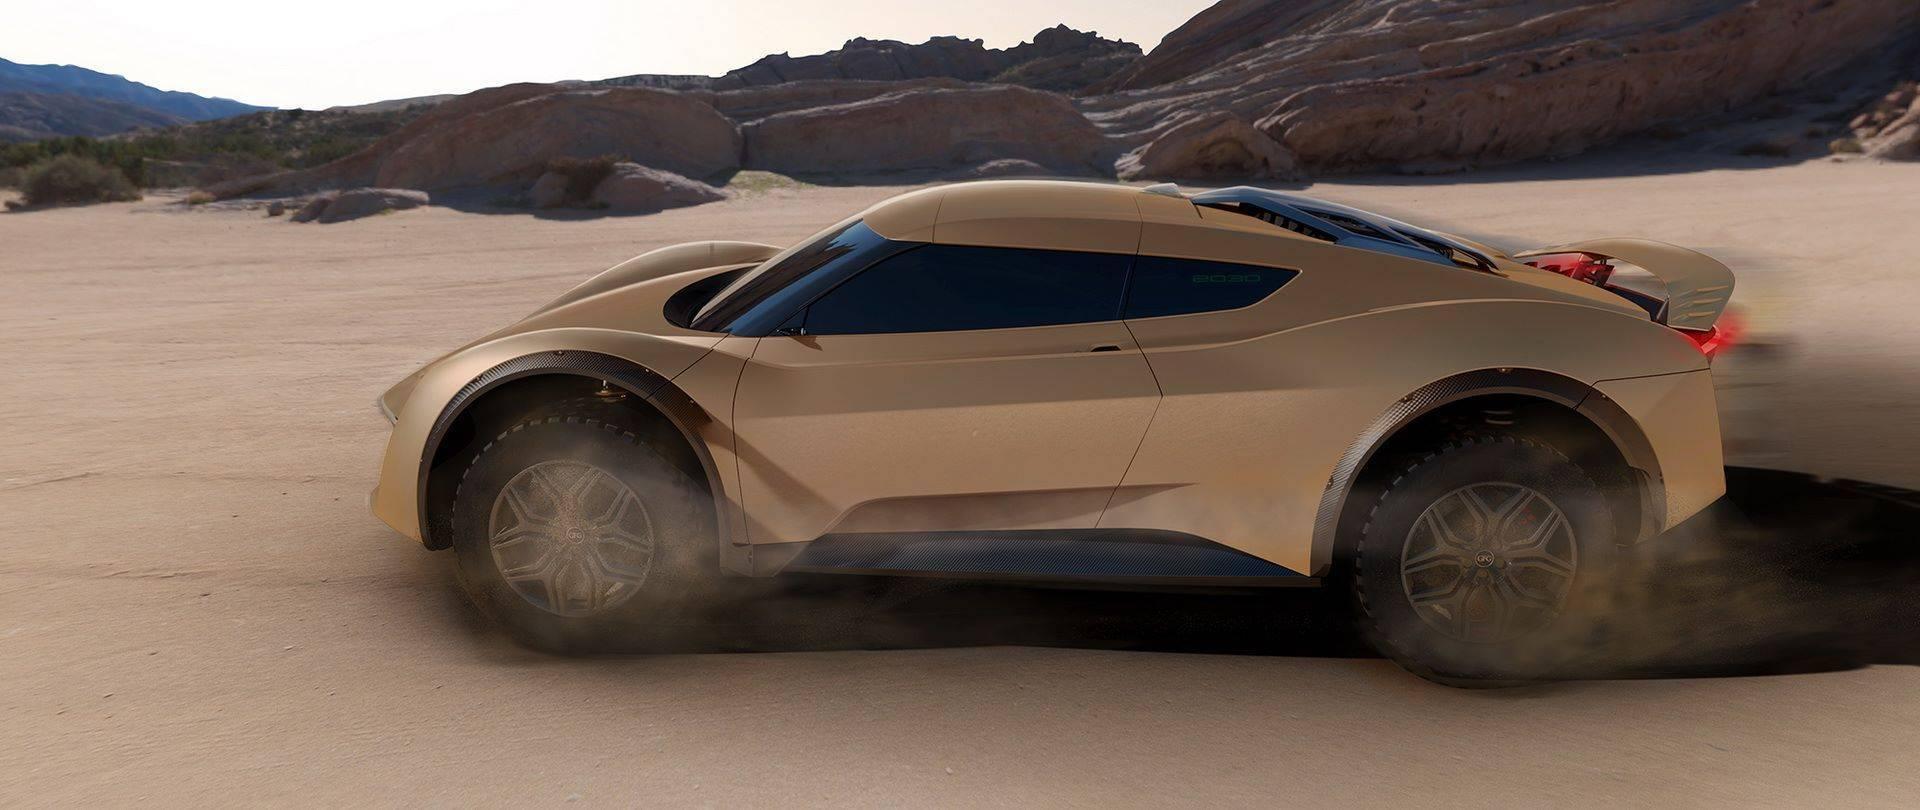 gfg-style-vision-2030-desert-raid-17